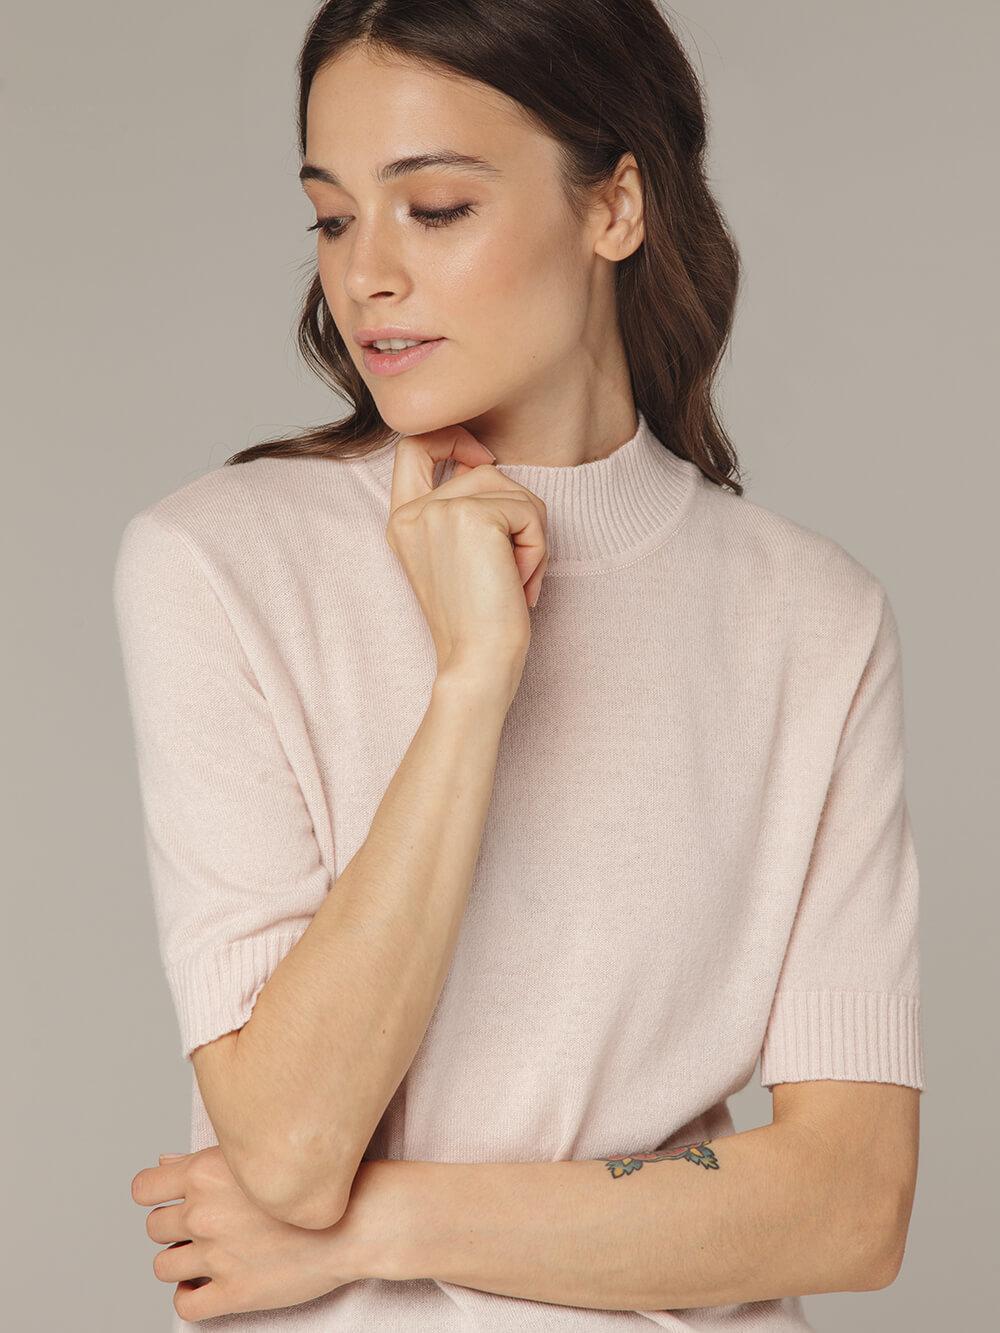 Розовый джемпер из тонкого кашемира с коротким рукавом и стойкой - фото 1